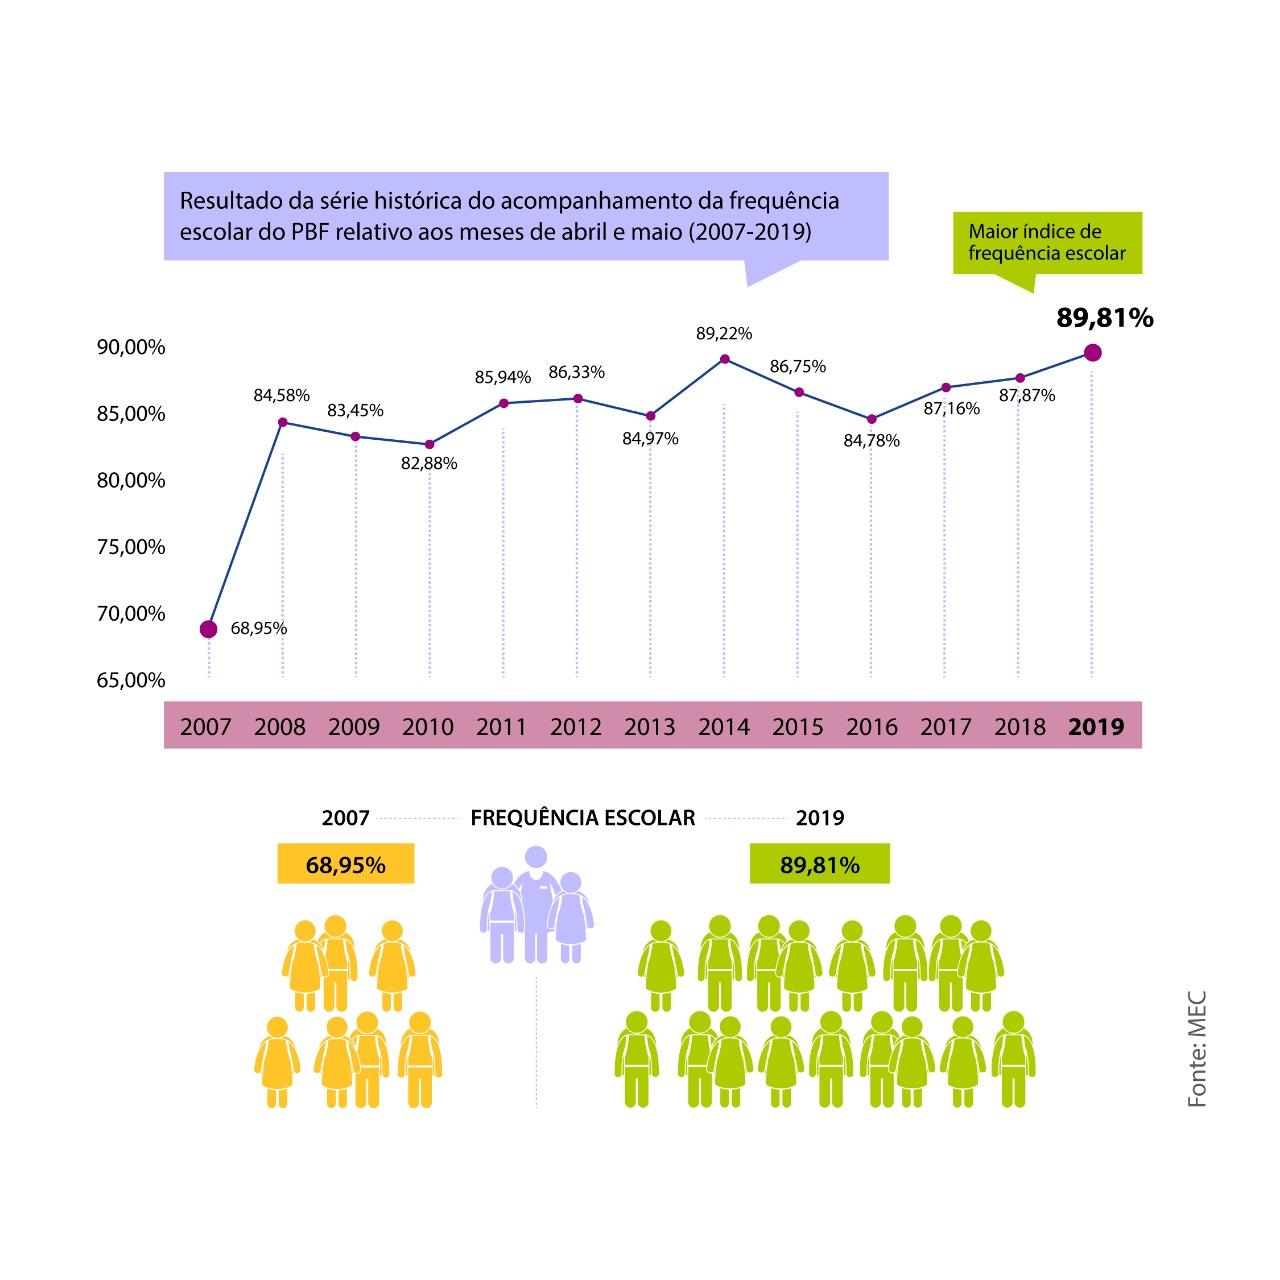 Bolsa Família - Frequência escolar de alunos bate mais um recorde da série histórica